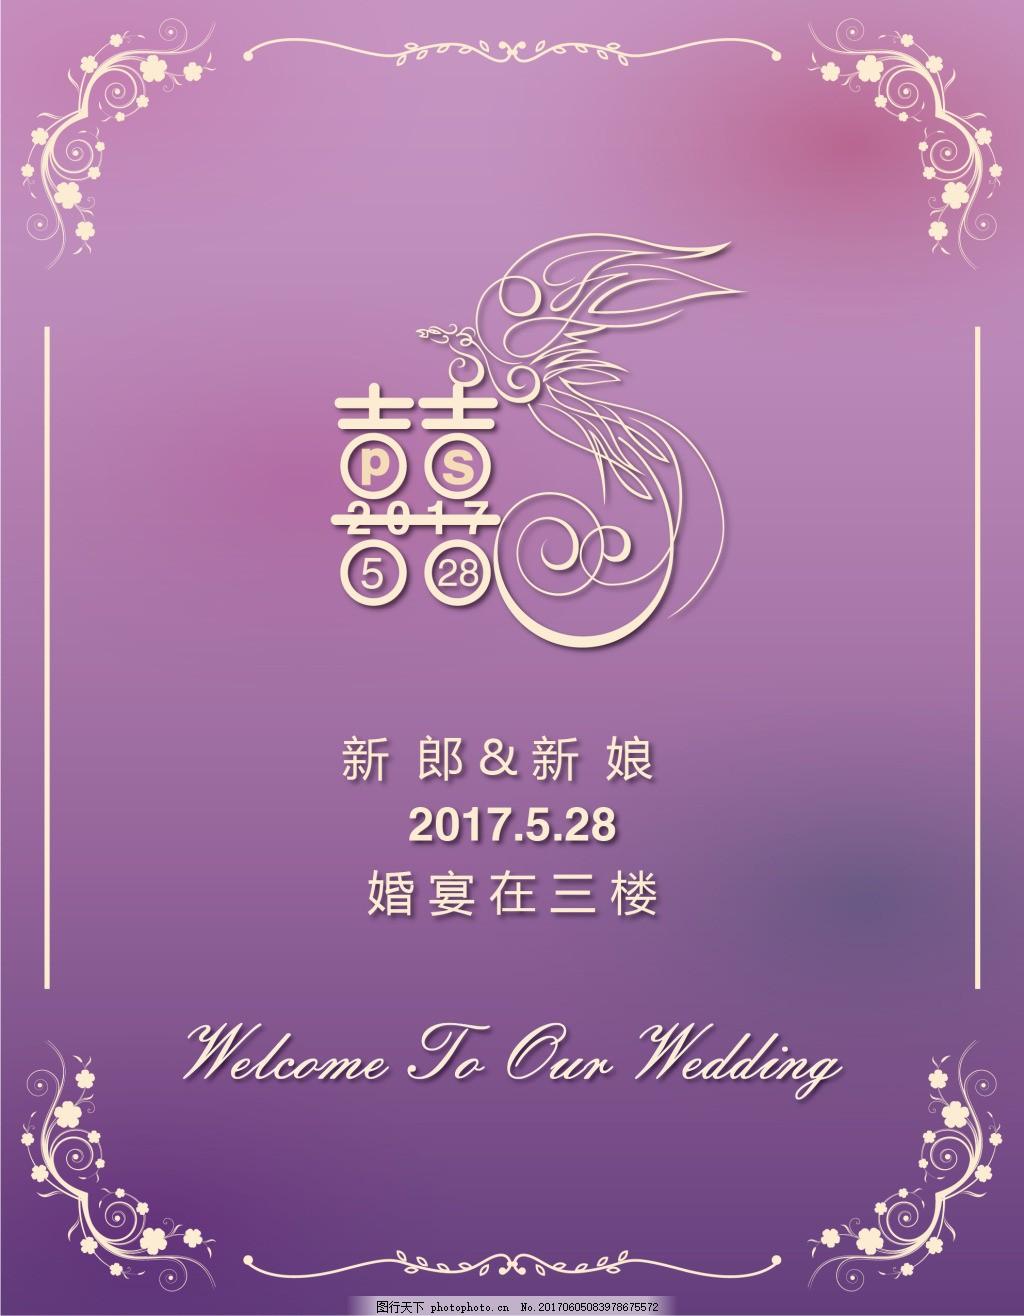 紫色唯美高大上简洁婚礼指示牌 淡紫色 囍 双喜 婚庆指示牌 边框